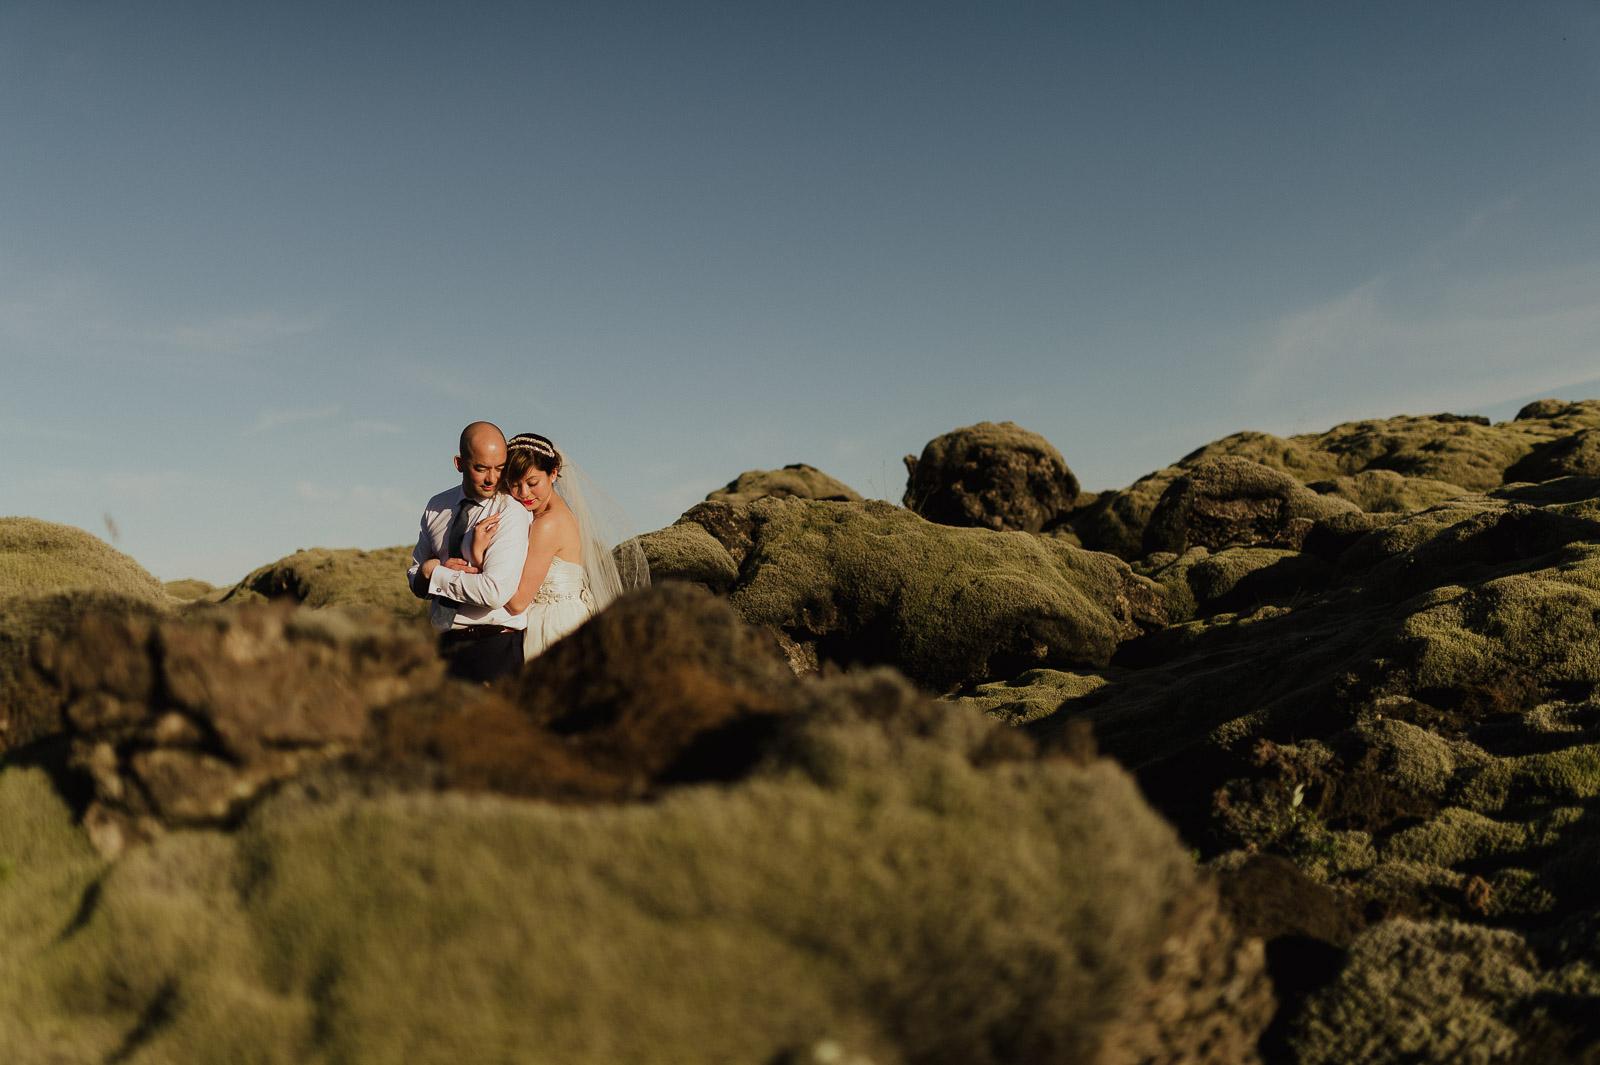 64-iceland-elopement-moss-field